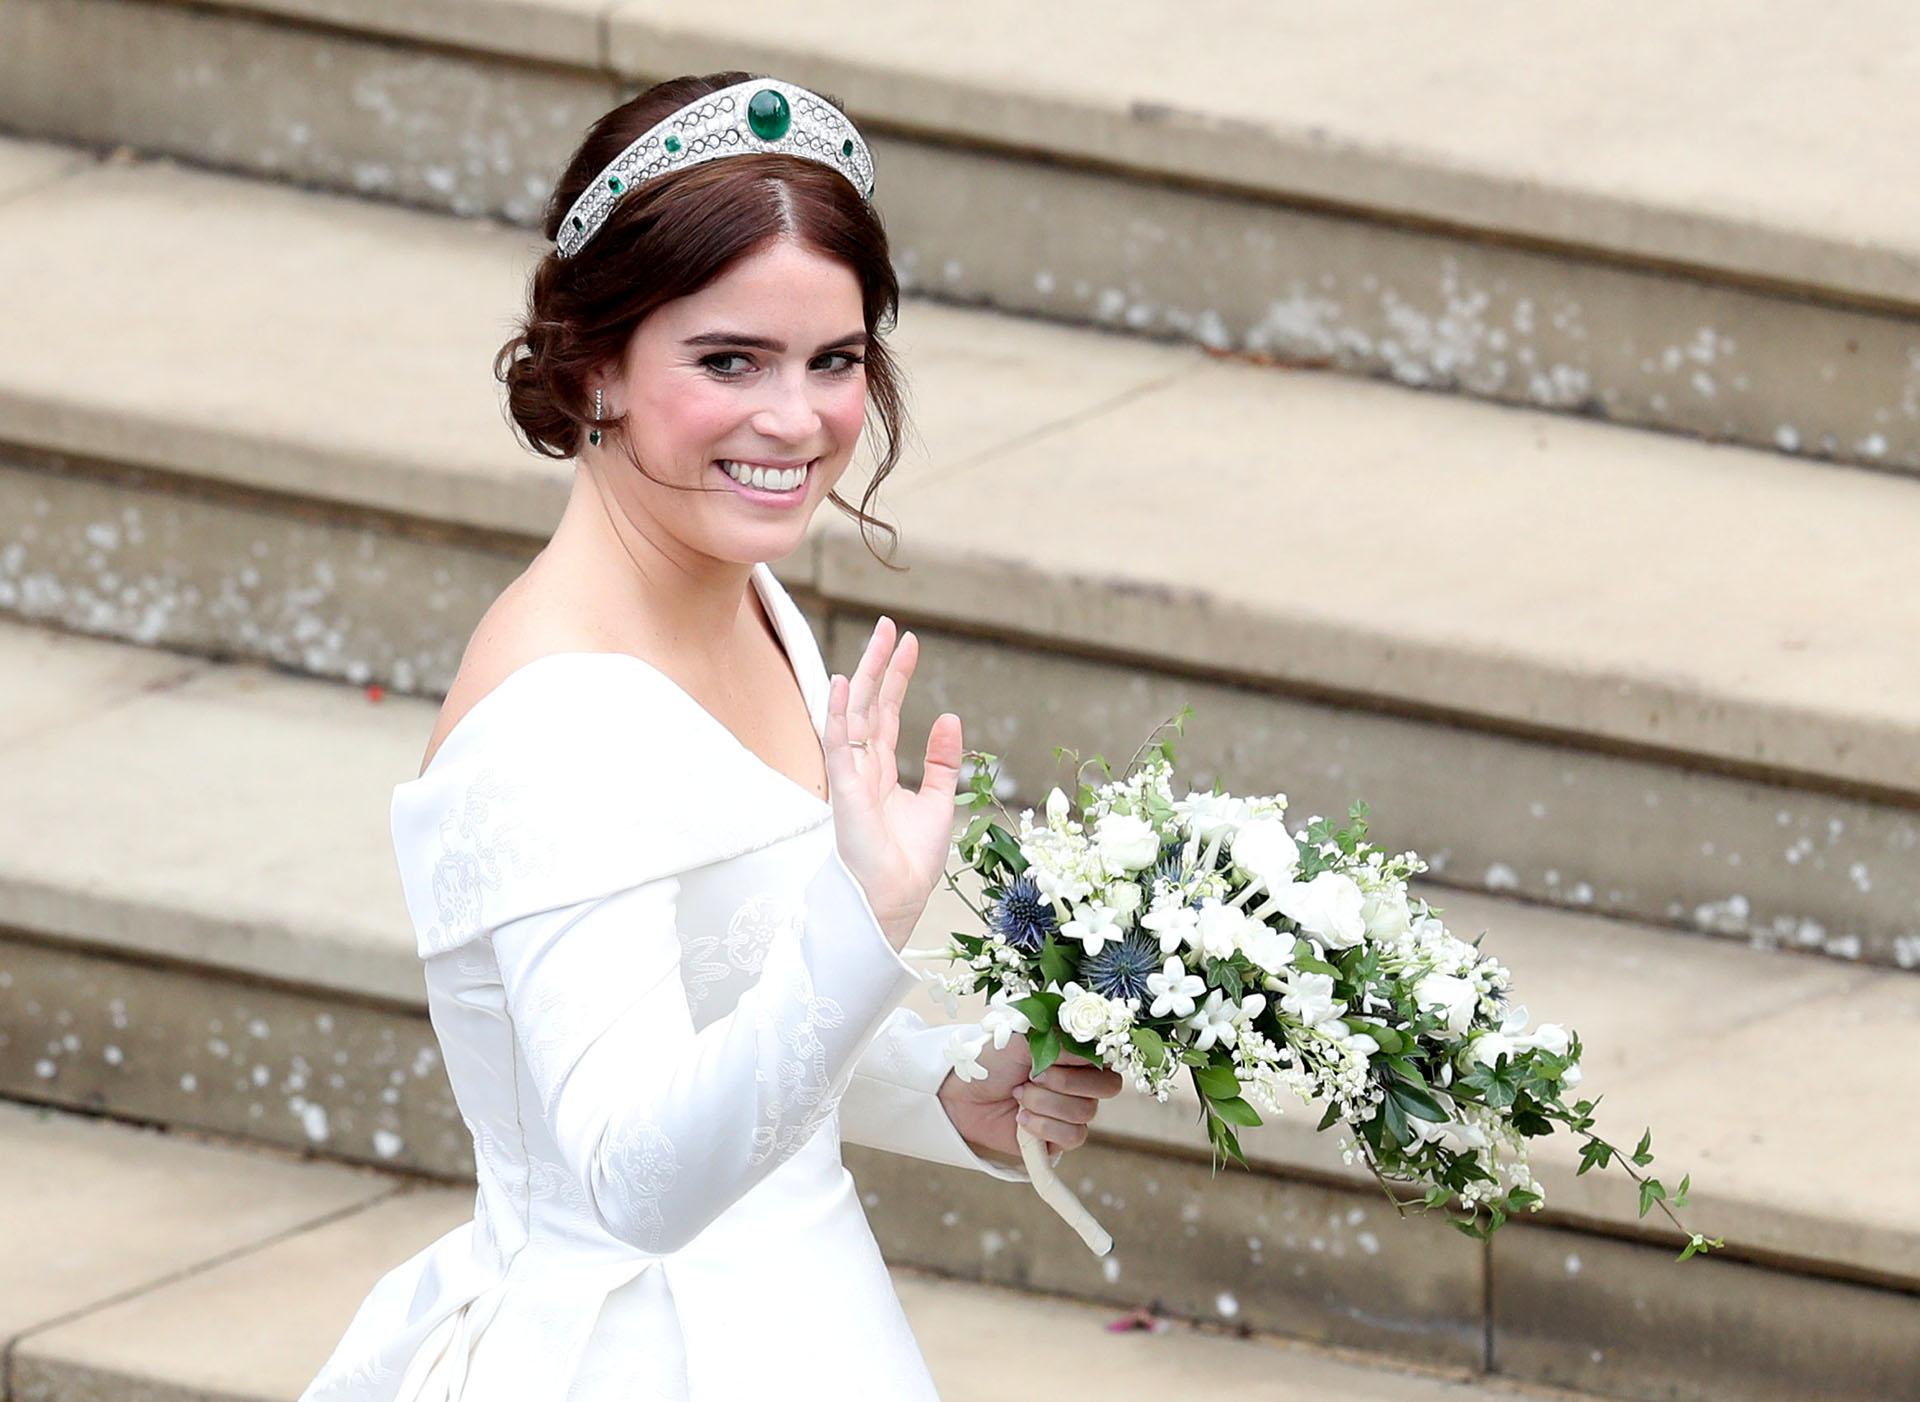 Eugenie, la nieta de la Reina Isabel II, eligió un vestido del diseñador británico Peter Pilotto